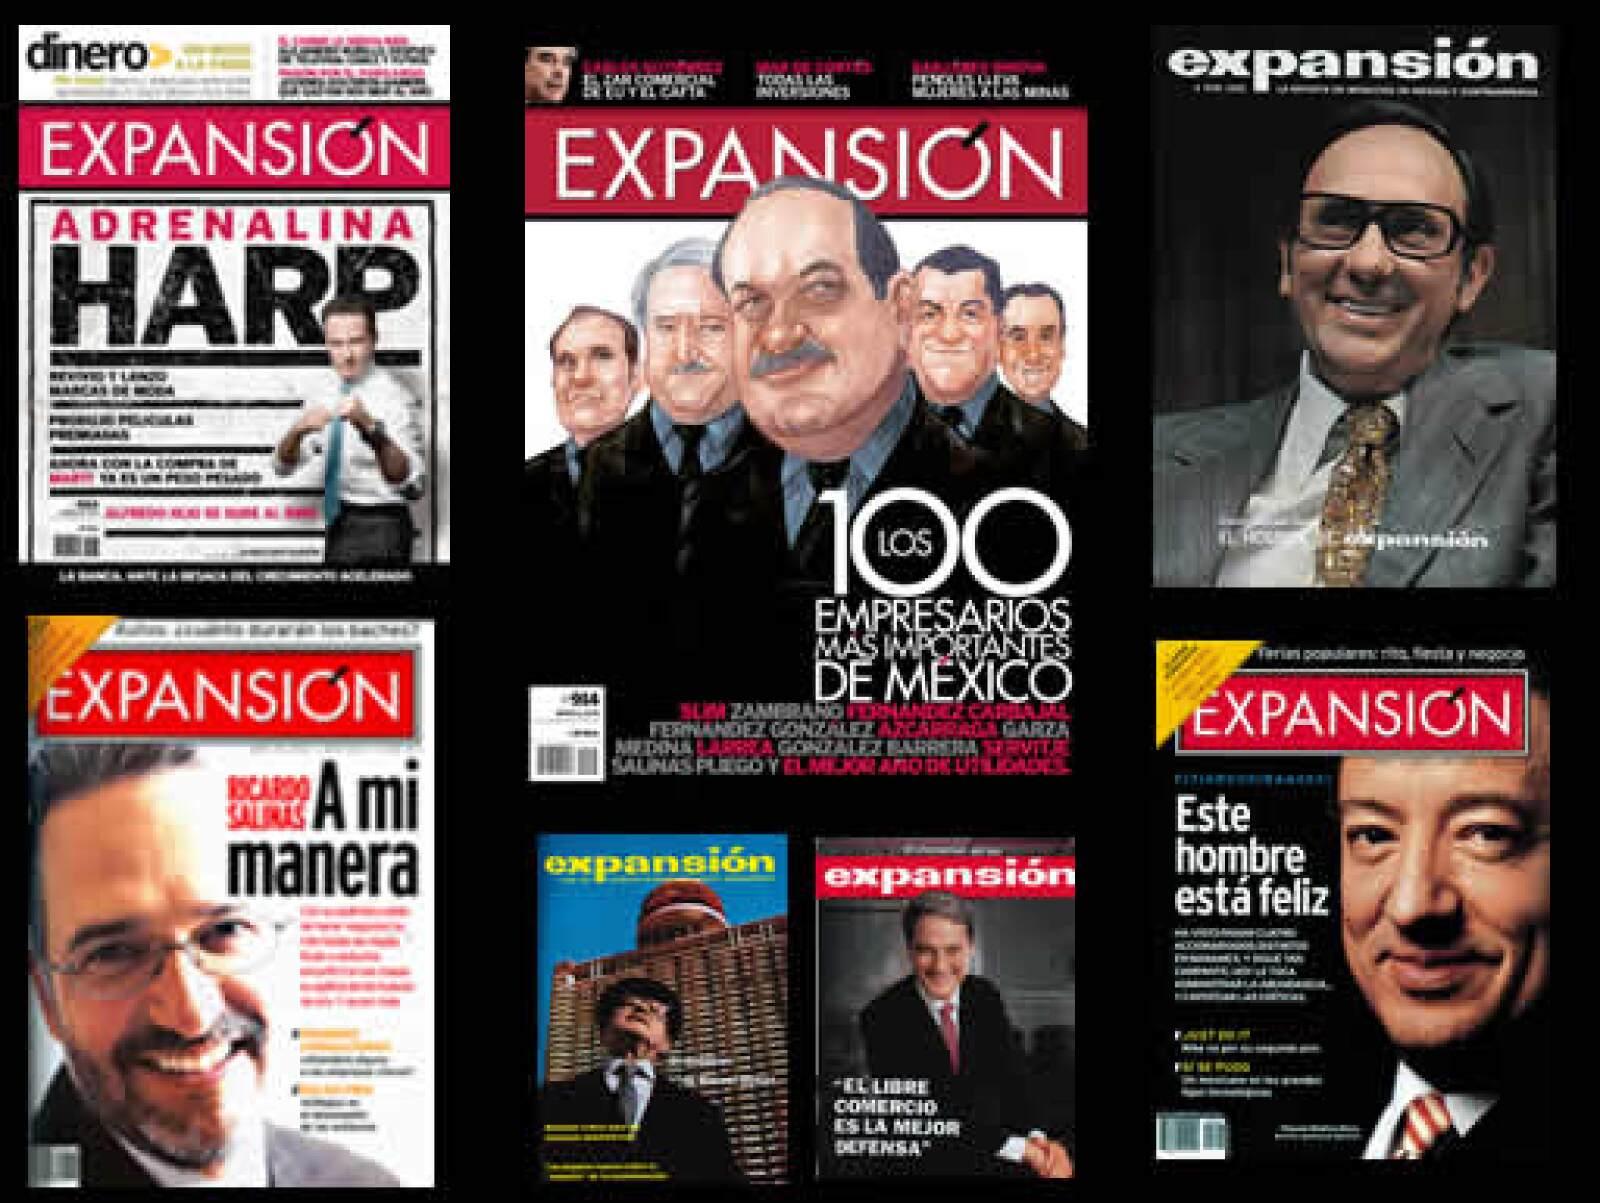 Desde funcionarios públicos hasta integrantes del Grupo Monterrey, las acciones de los empresarios y ejecutivos que cambiaron los negocios en México han sido documentadas en las páginas de Expansión.